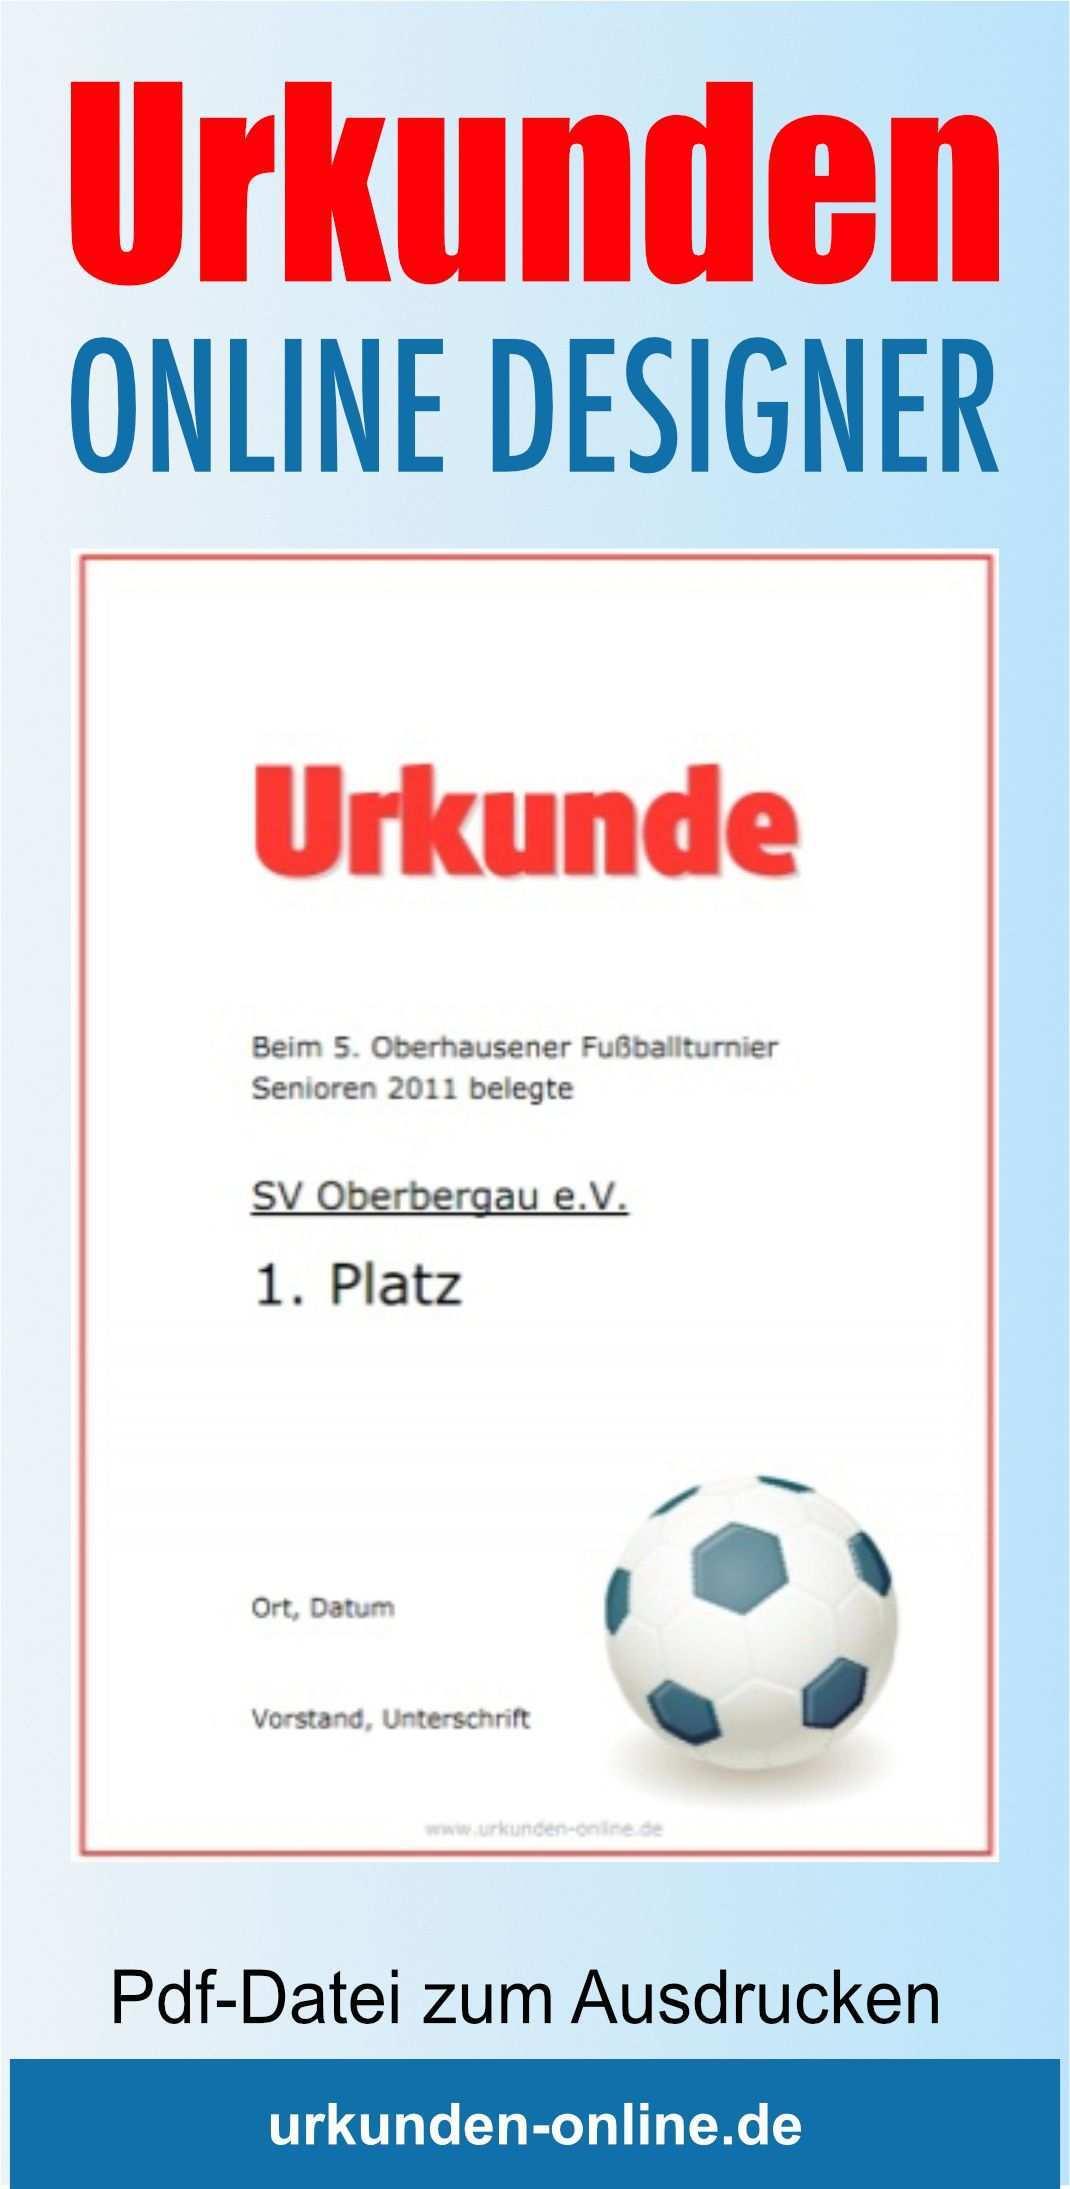 Fussballurkunden Online Gestalten Und Drucken Urkunde Vorlage Urkunde Online